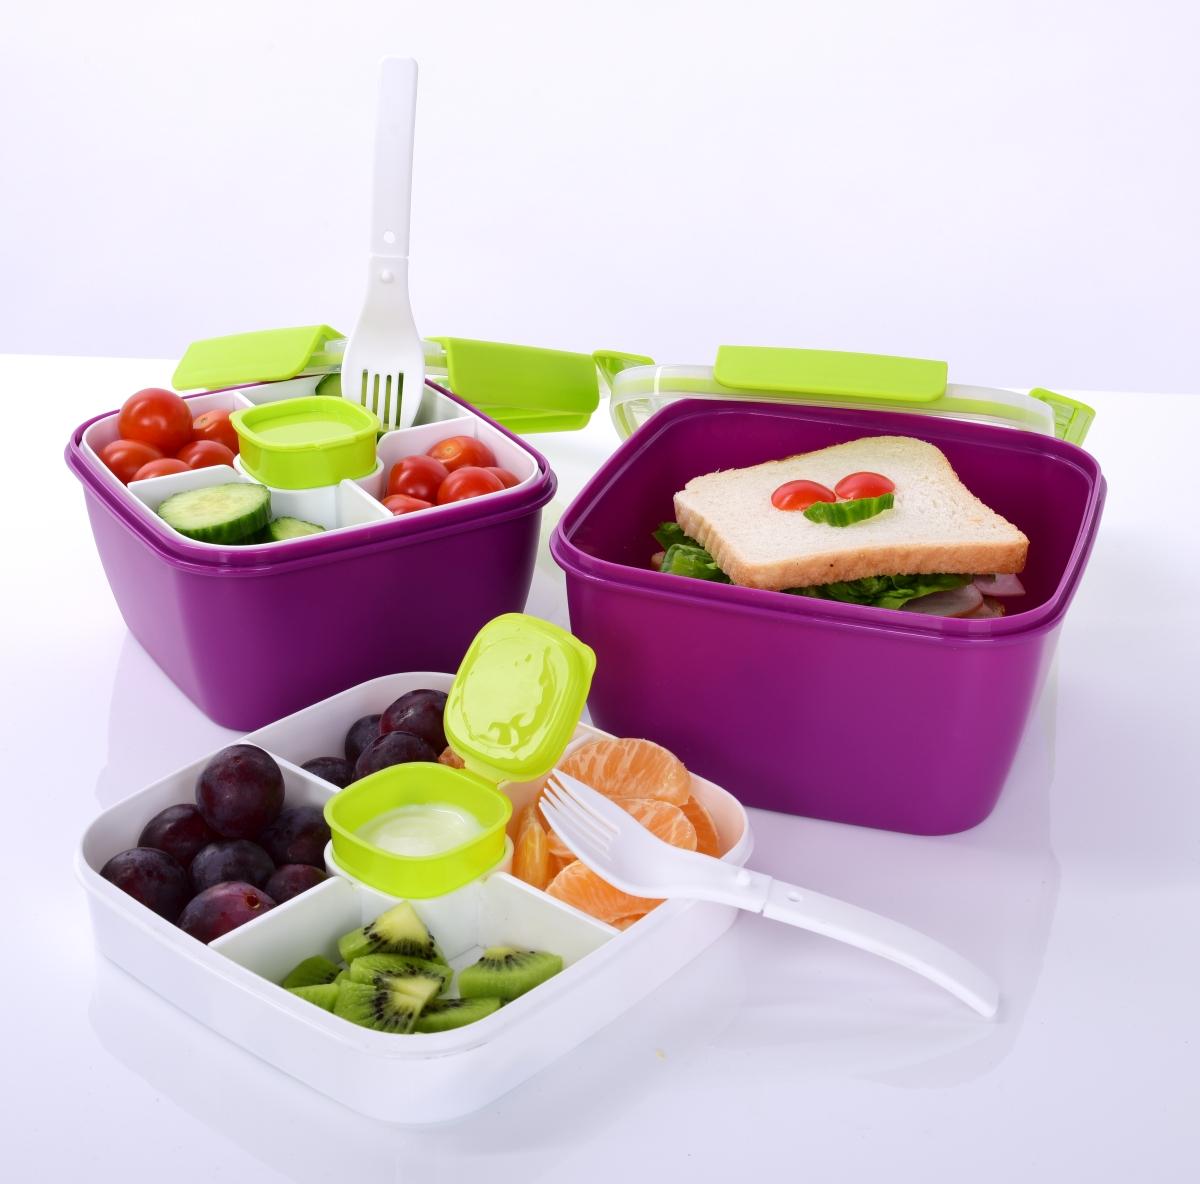 SILIBOX JÍDLOTRANSPORTÉR na přenášení salátů a jídel, s vnitřní miskou a dózičkou na dresing